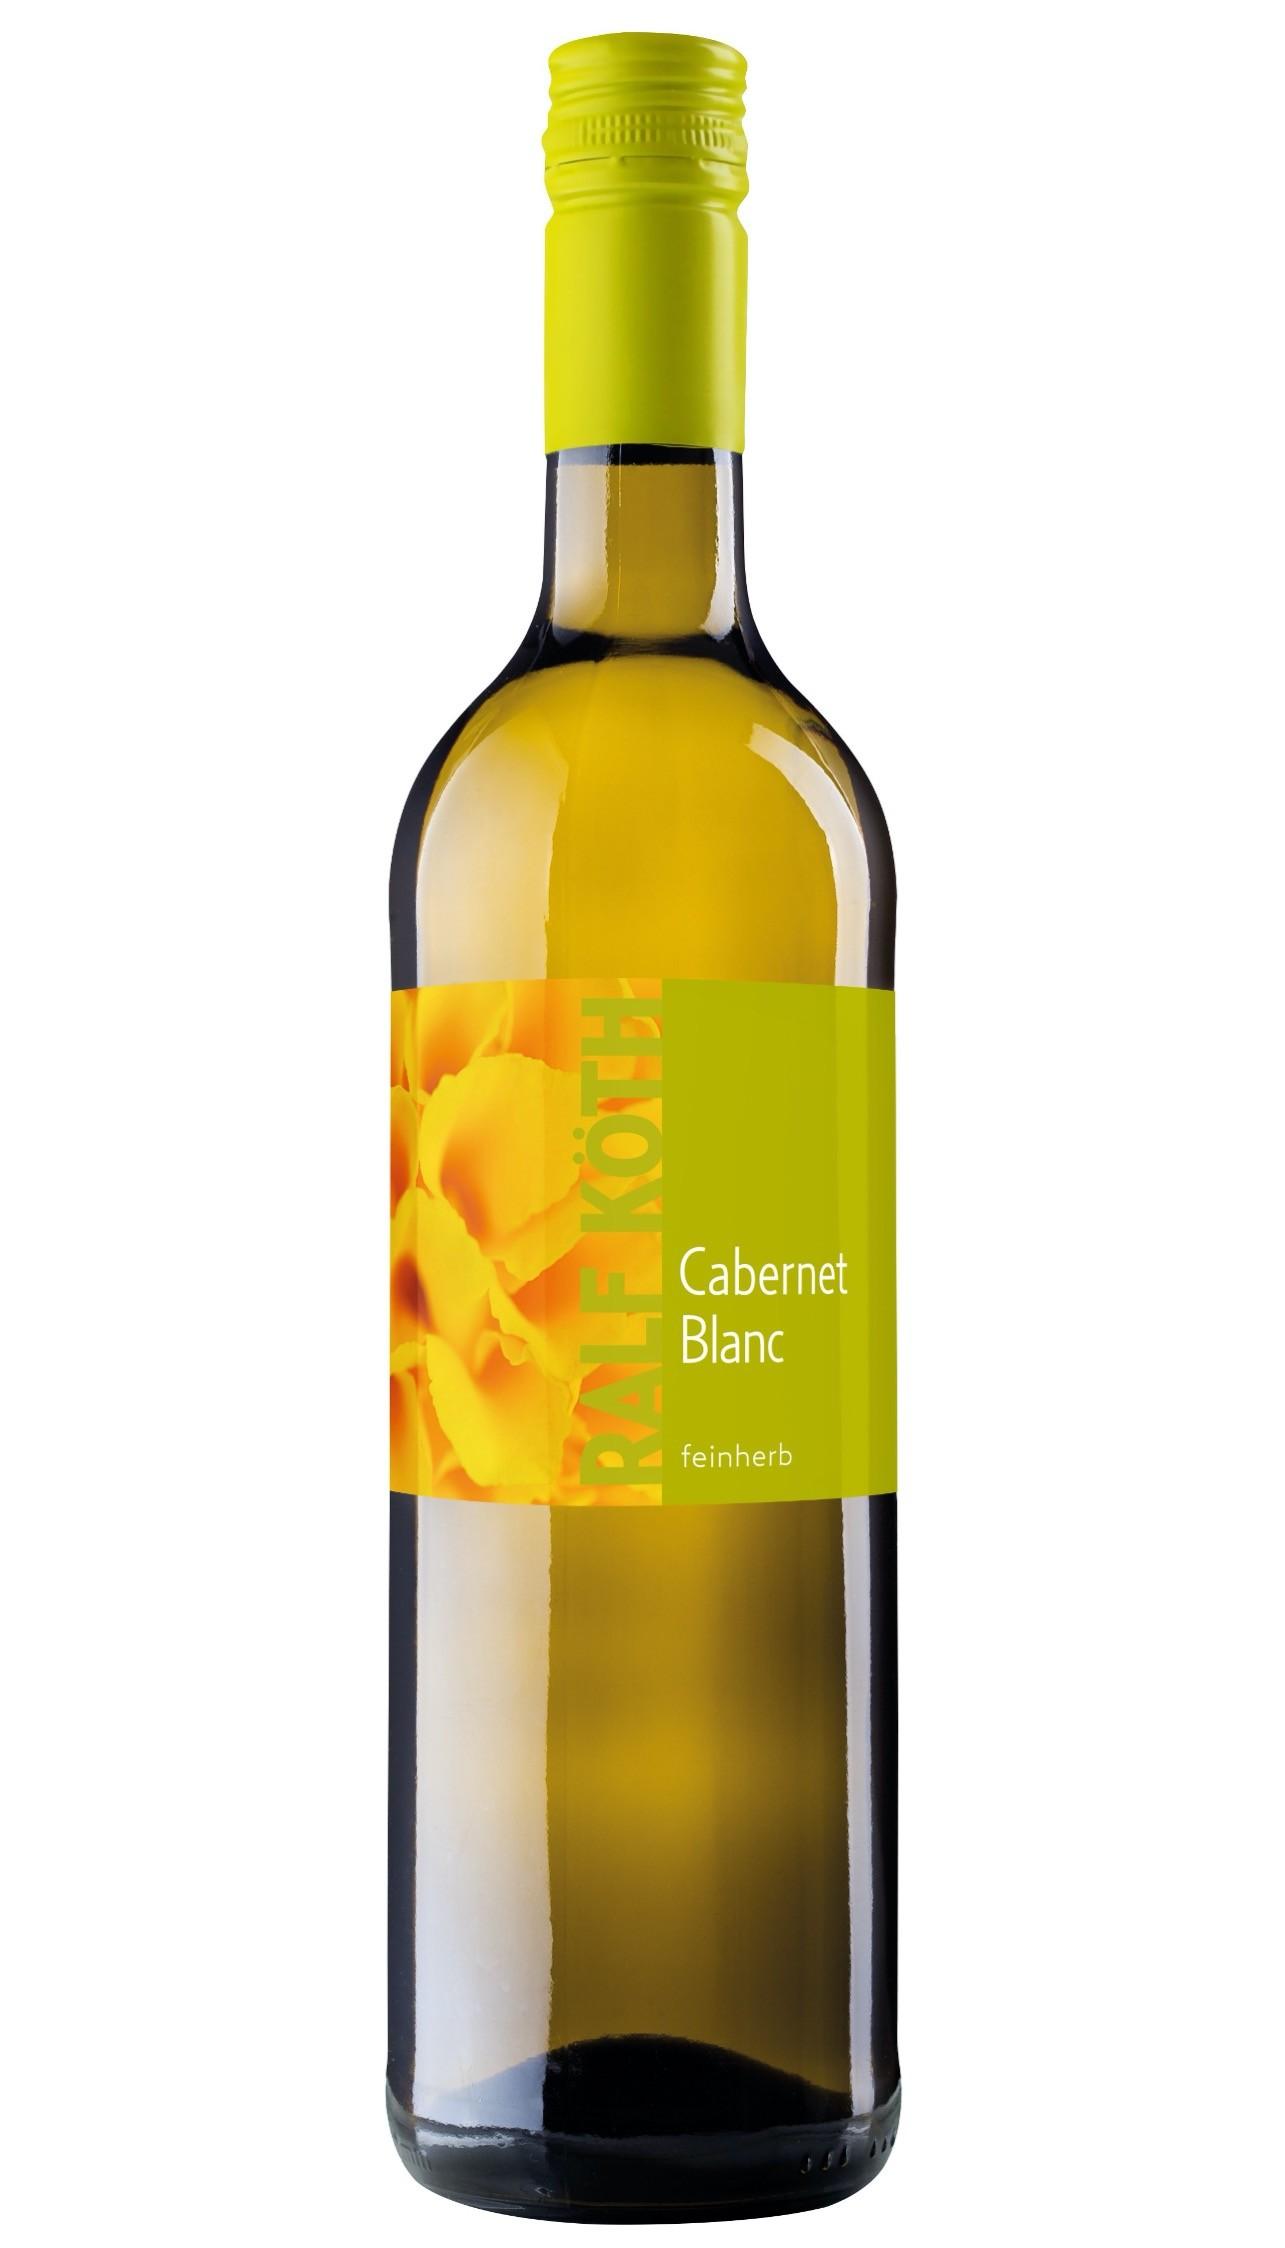 Cabernet Blanc 2018 feinherb 12% vol. 750 ml